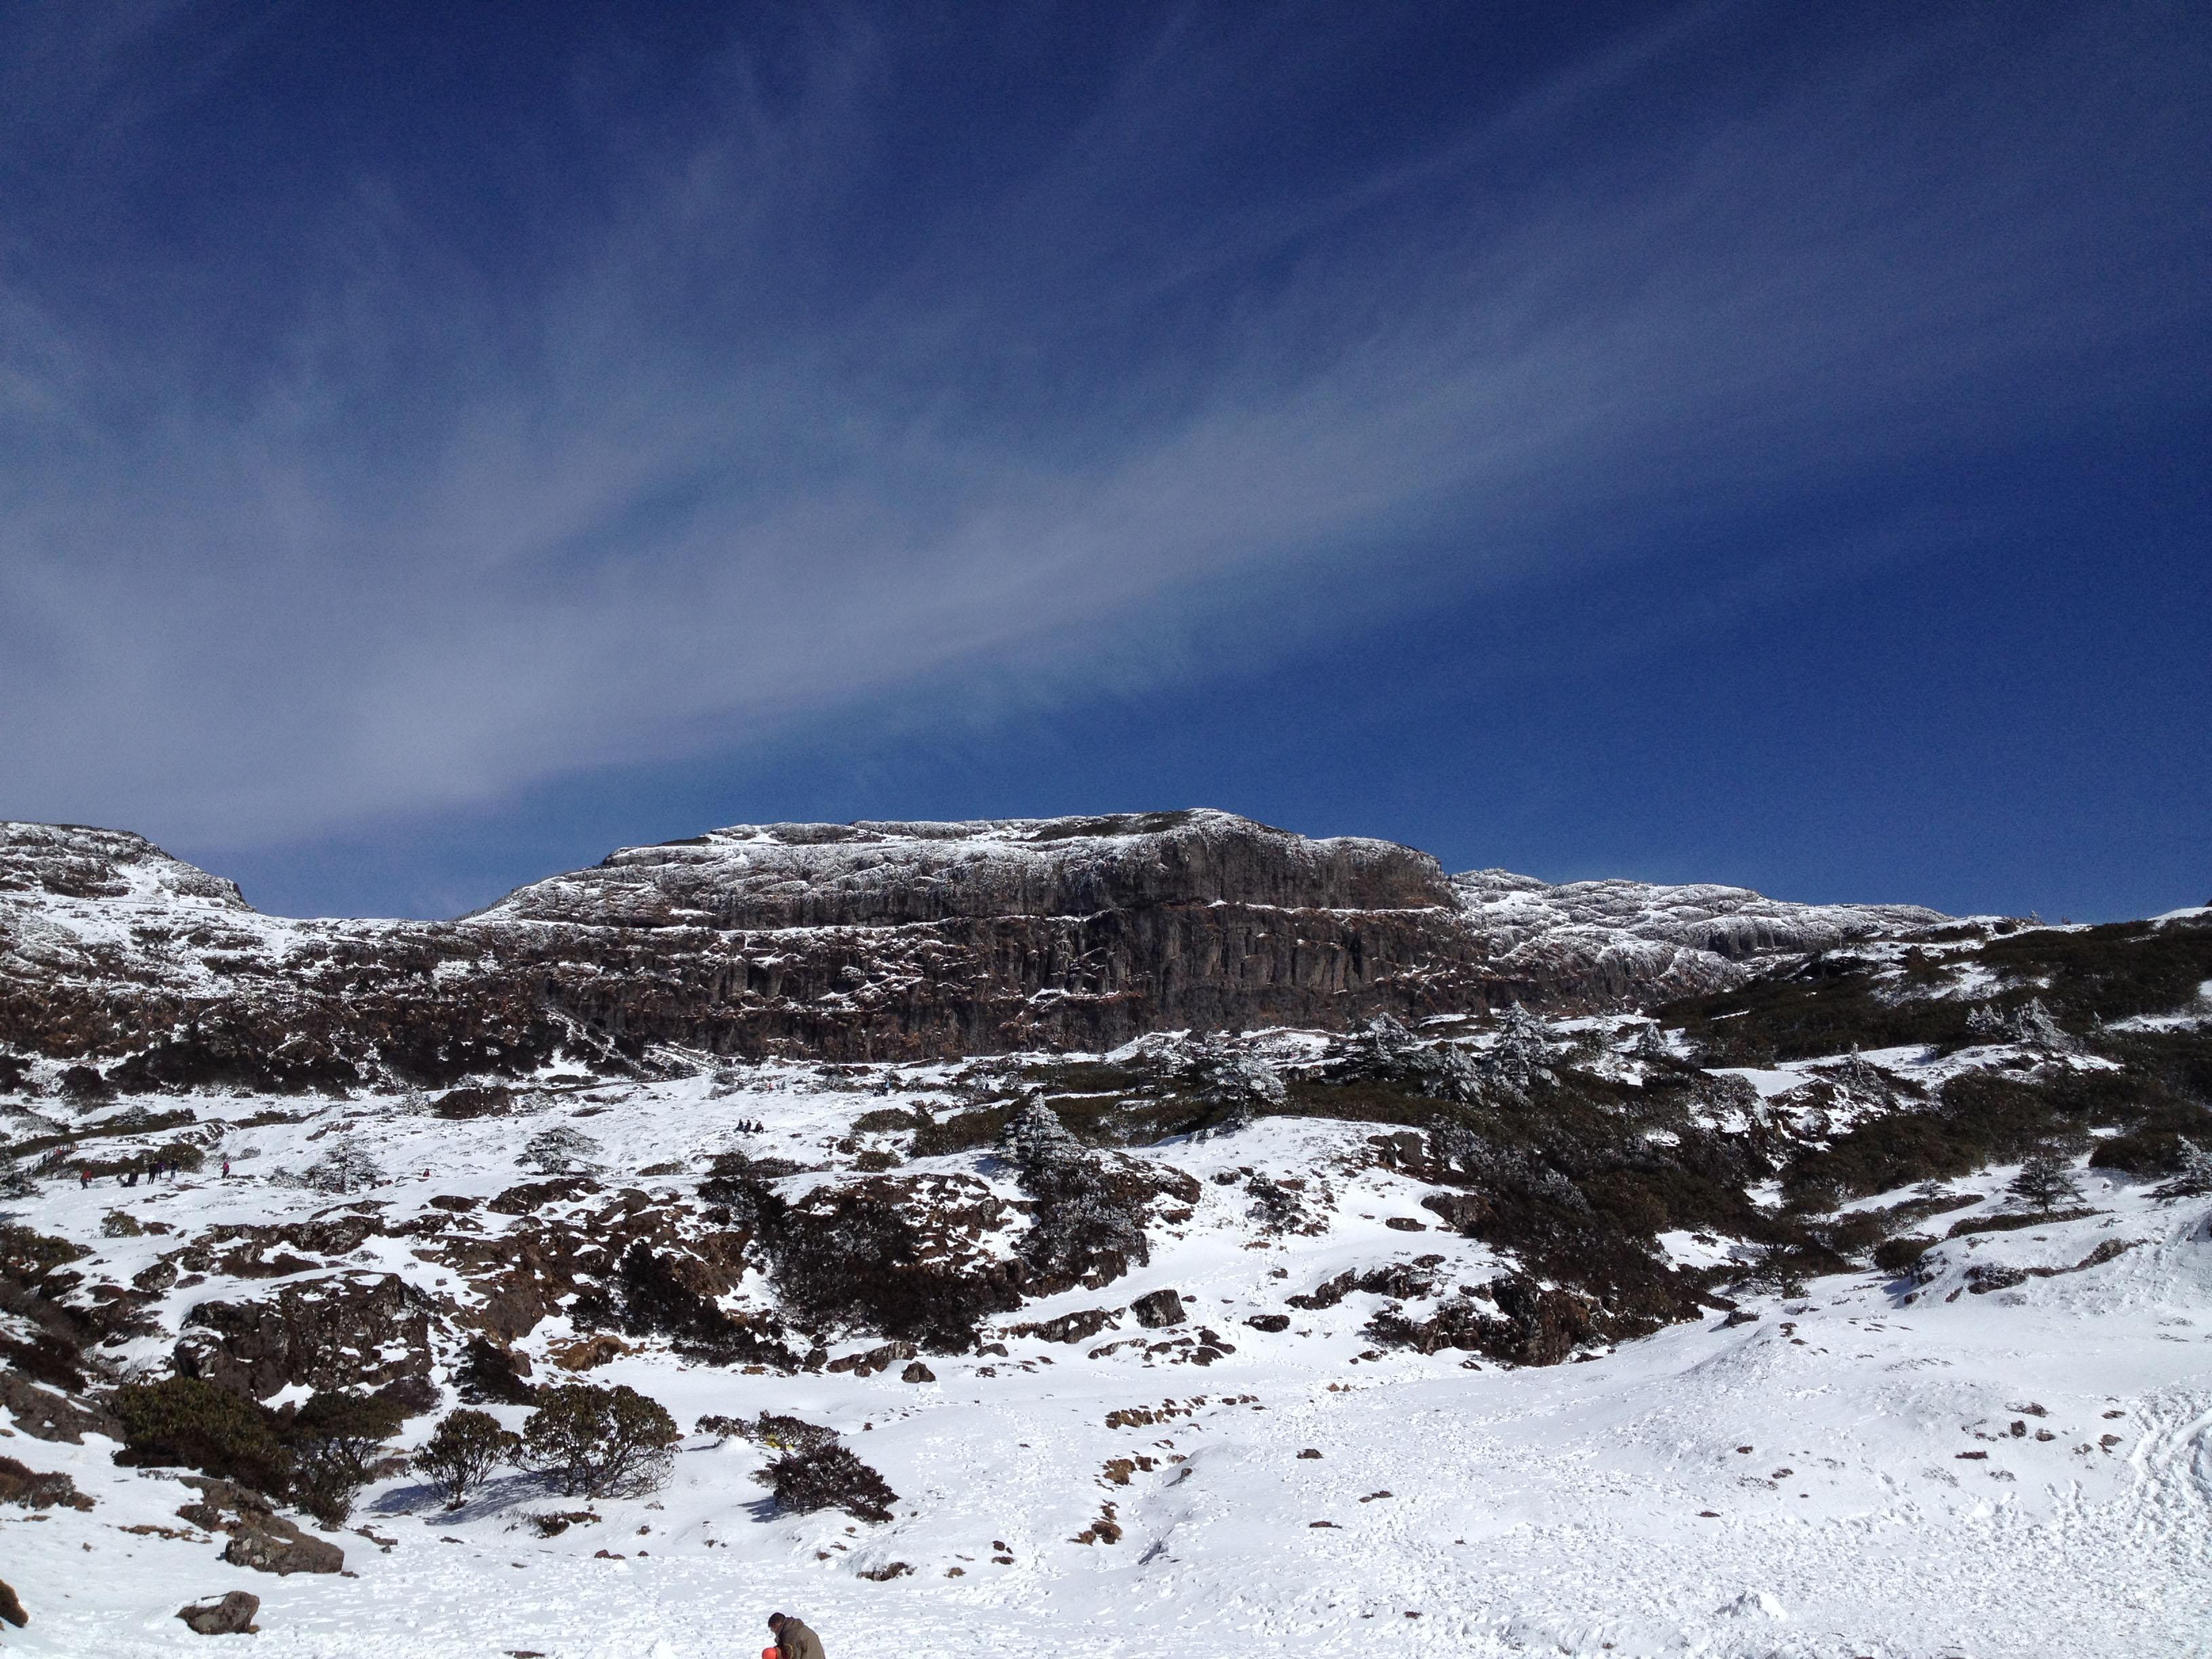 ทัวร์จีน คุนหมิง ตงชวน ภูเขาหิมะเจี้ยวจื๊อ 4 วัน 2 คืน